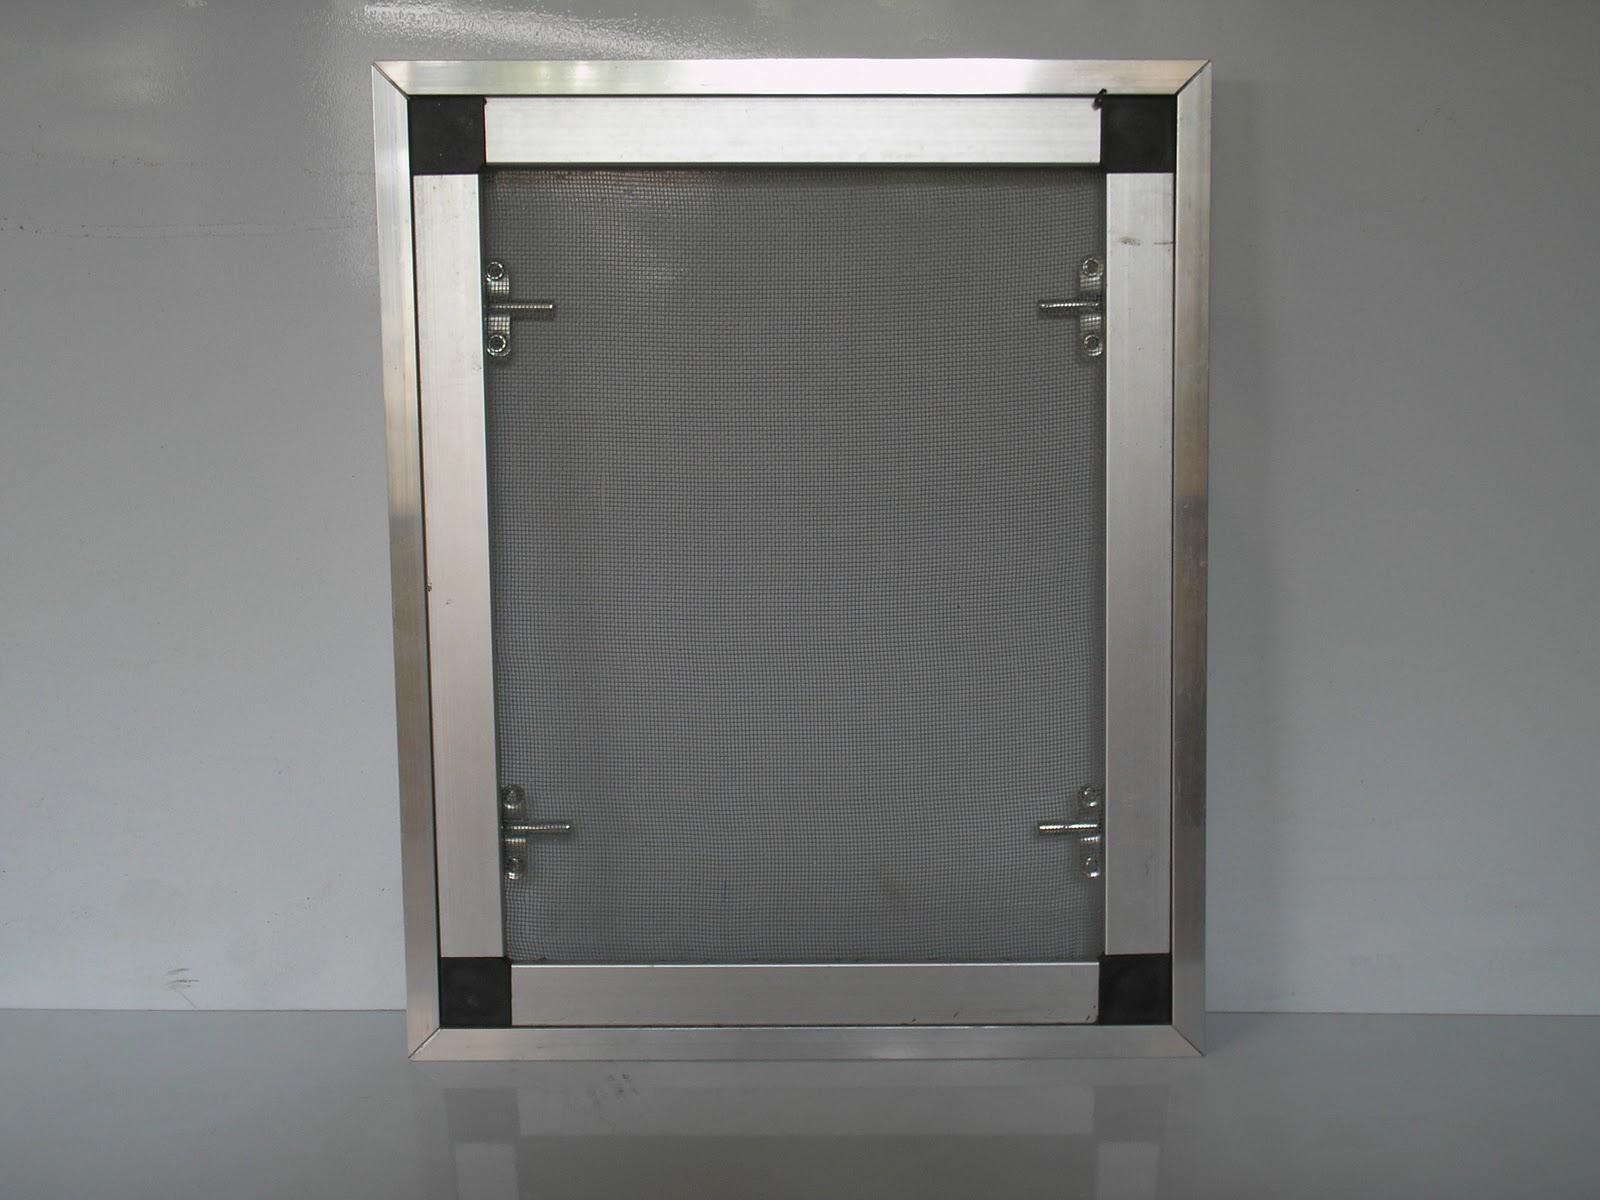 #6F695C Design Aluminium: Tela de mosquiteiro (lado externo) 4836 Janela De Aluminio Branco Com Tela Mosquiteiro